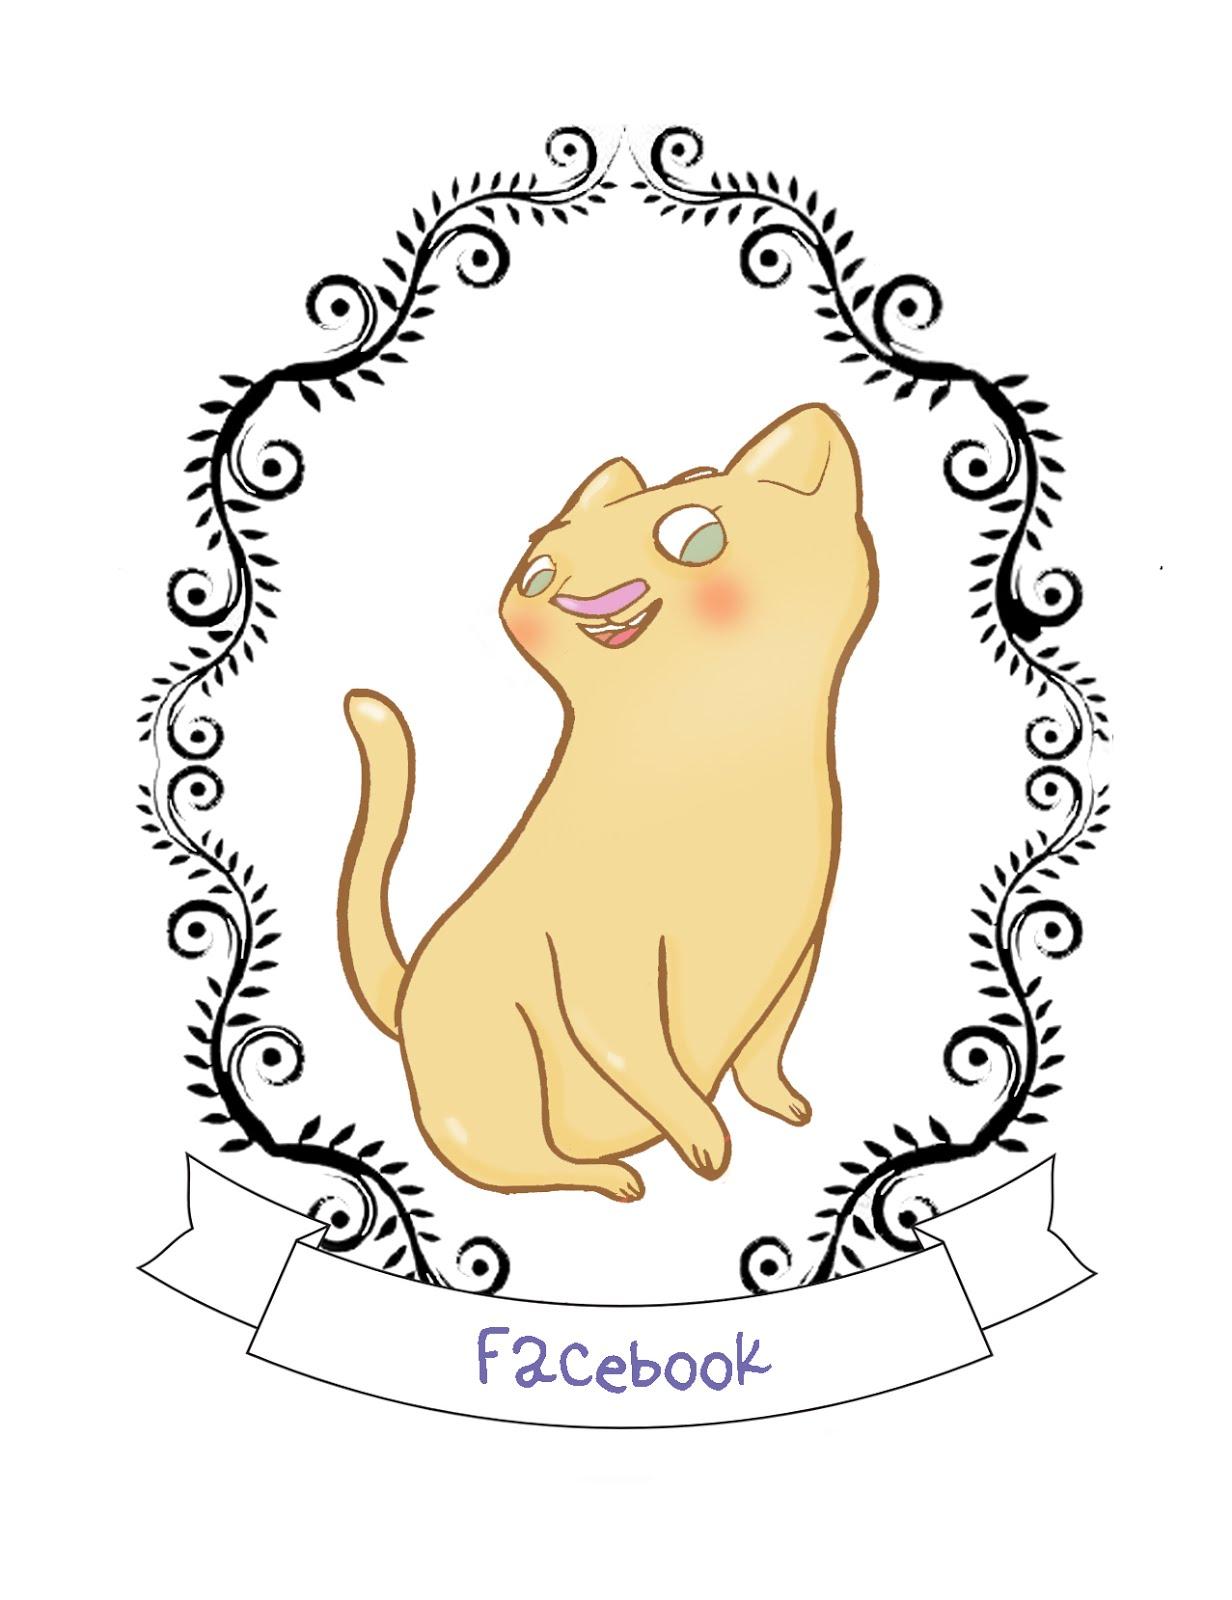 suivez- moi sur facebook